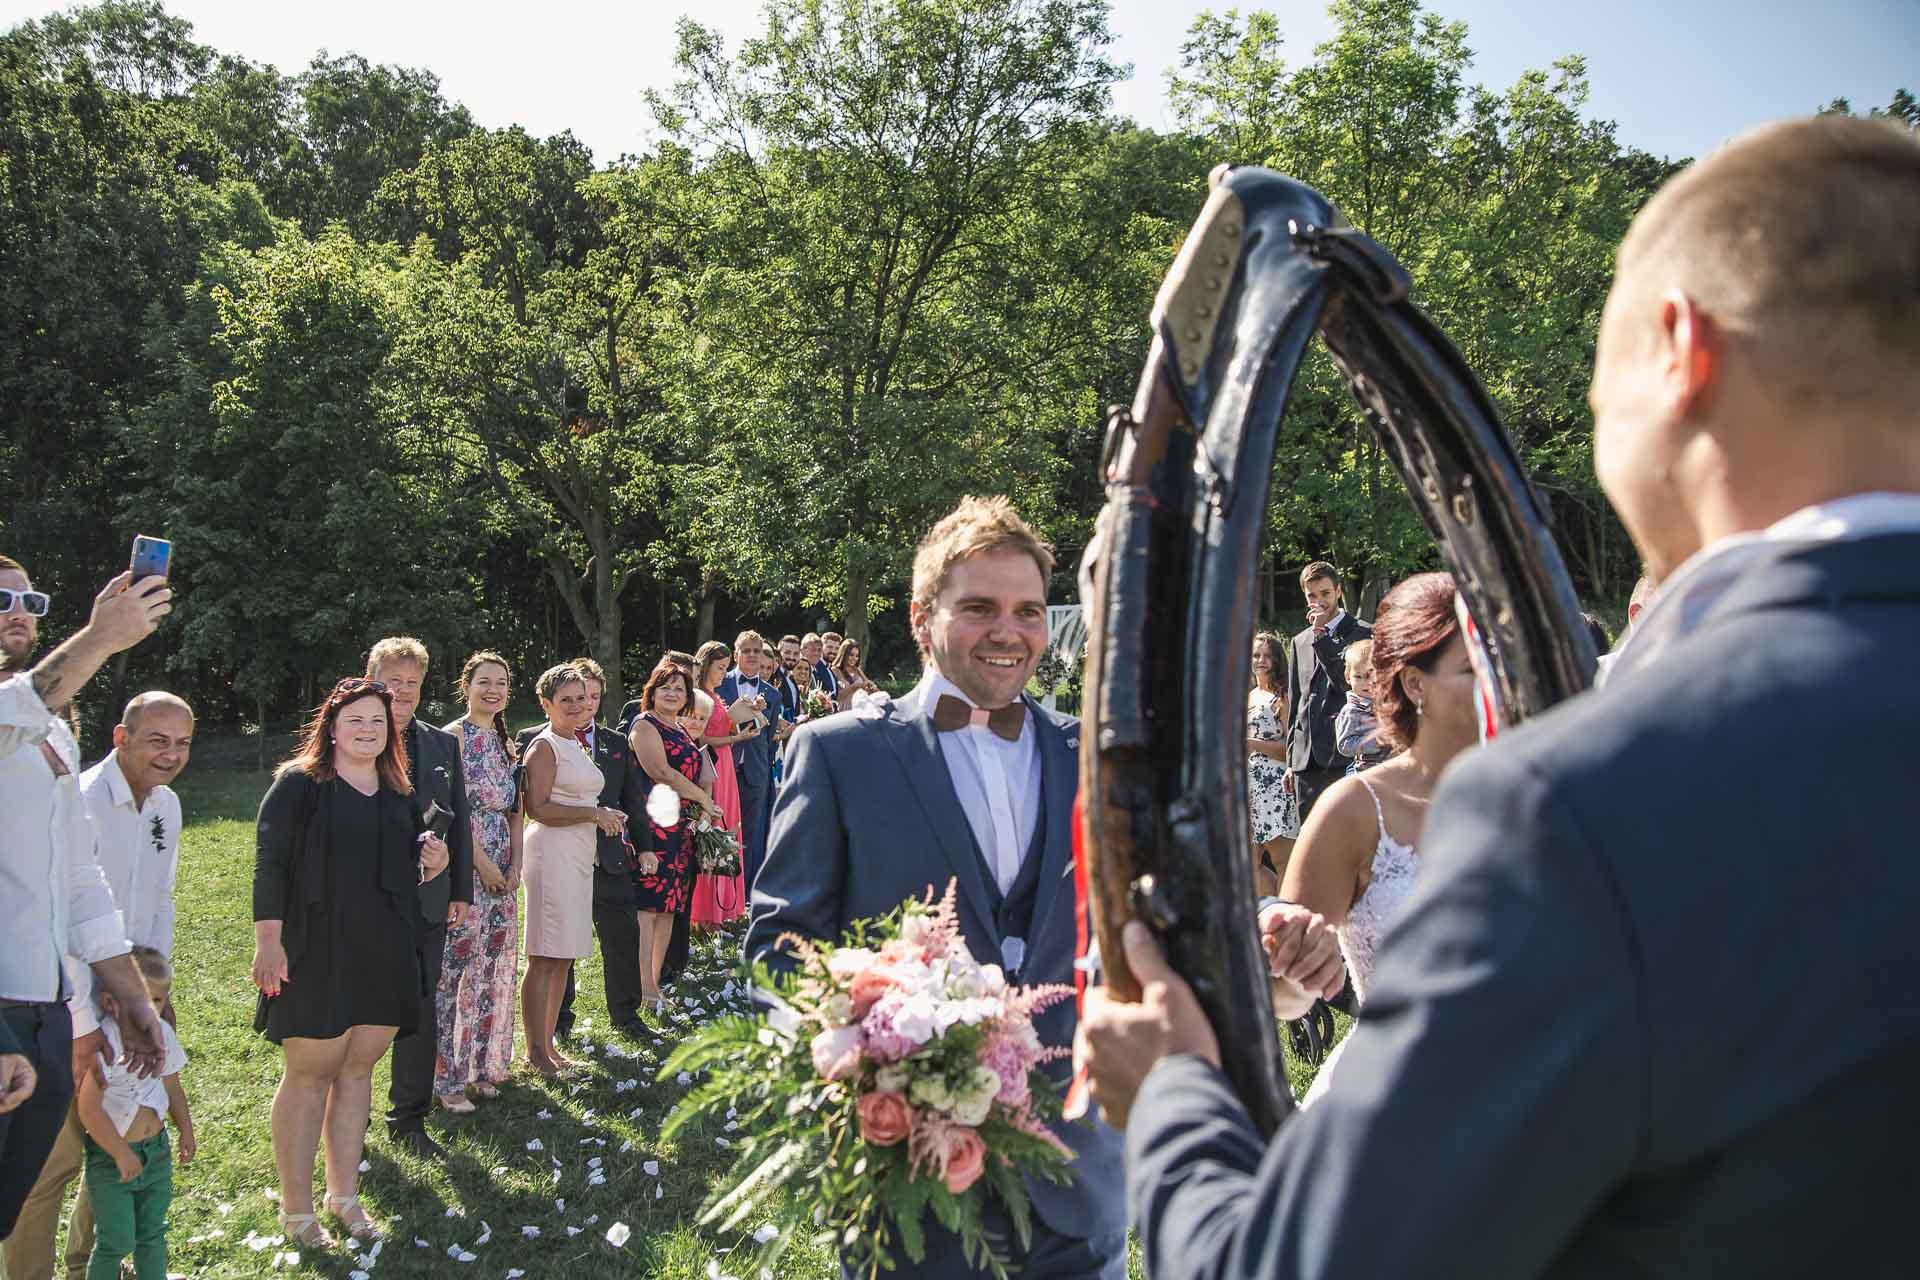 svatební-fotografie-Říp-svatební-video-ŘÍP-svatební-fotograf-ŘÍP-svatba-Mělník-svatba-Neratovice-fotograf-na-savtbu-kameraman-na-svatbu-149